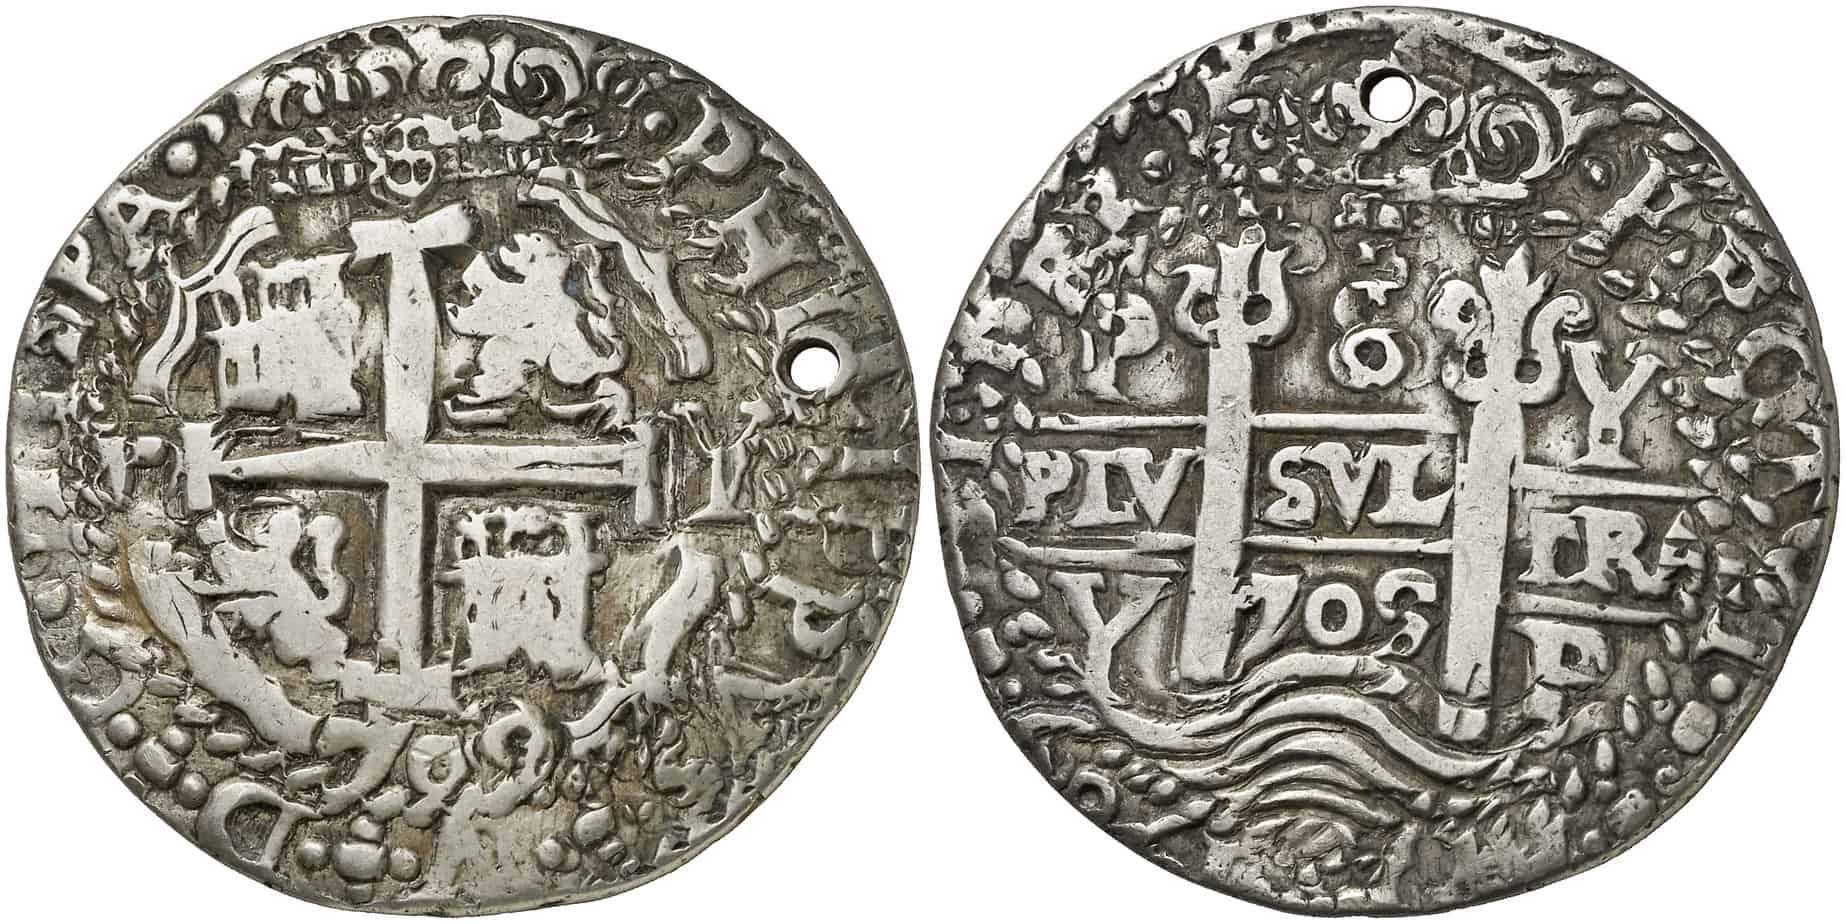 Figura3: 1709. Potosí. Y. 8 reales